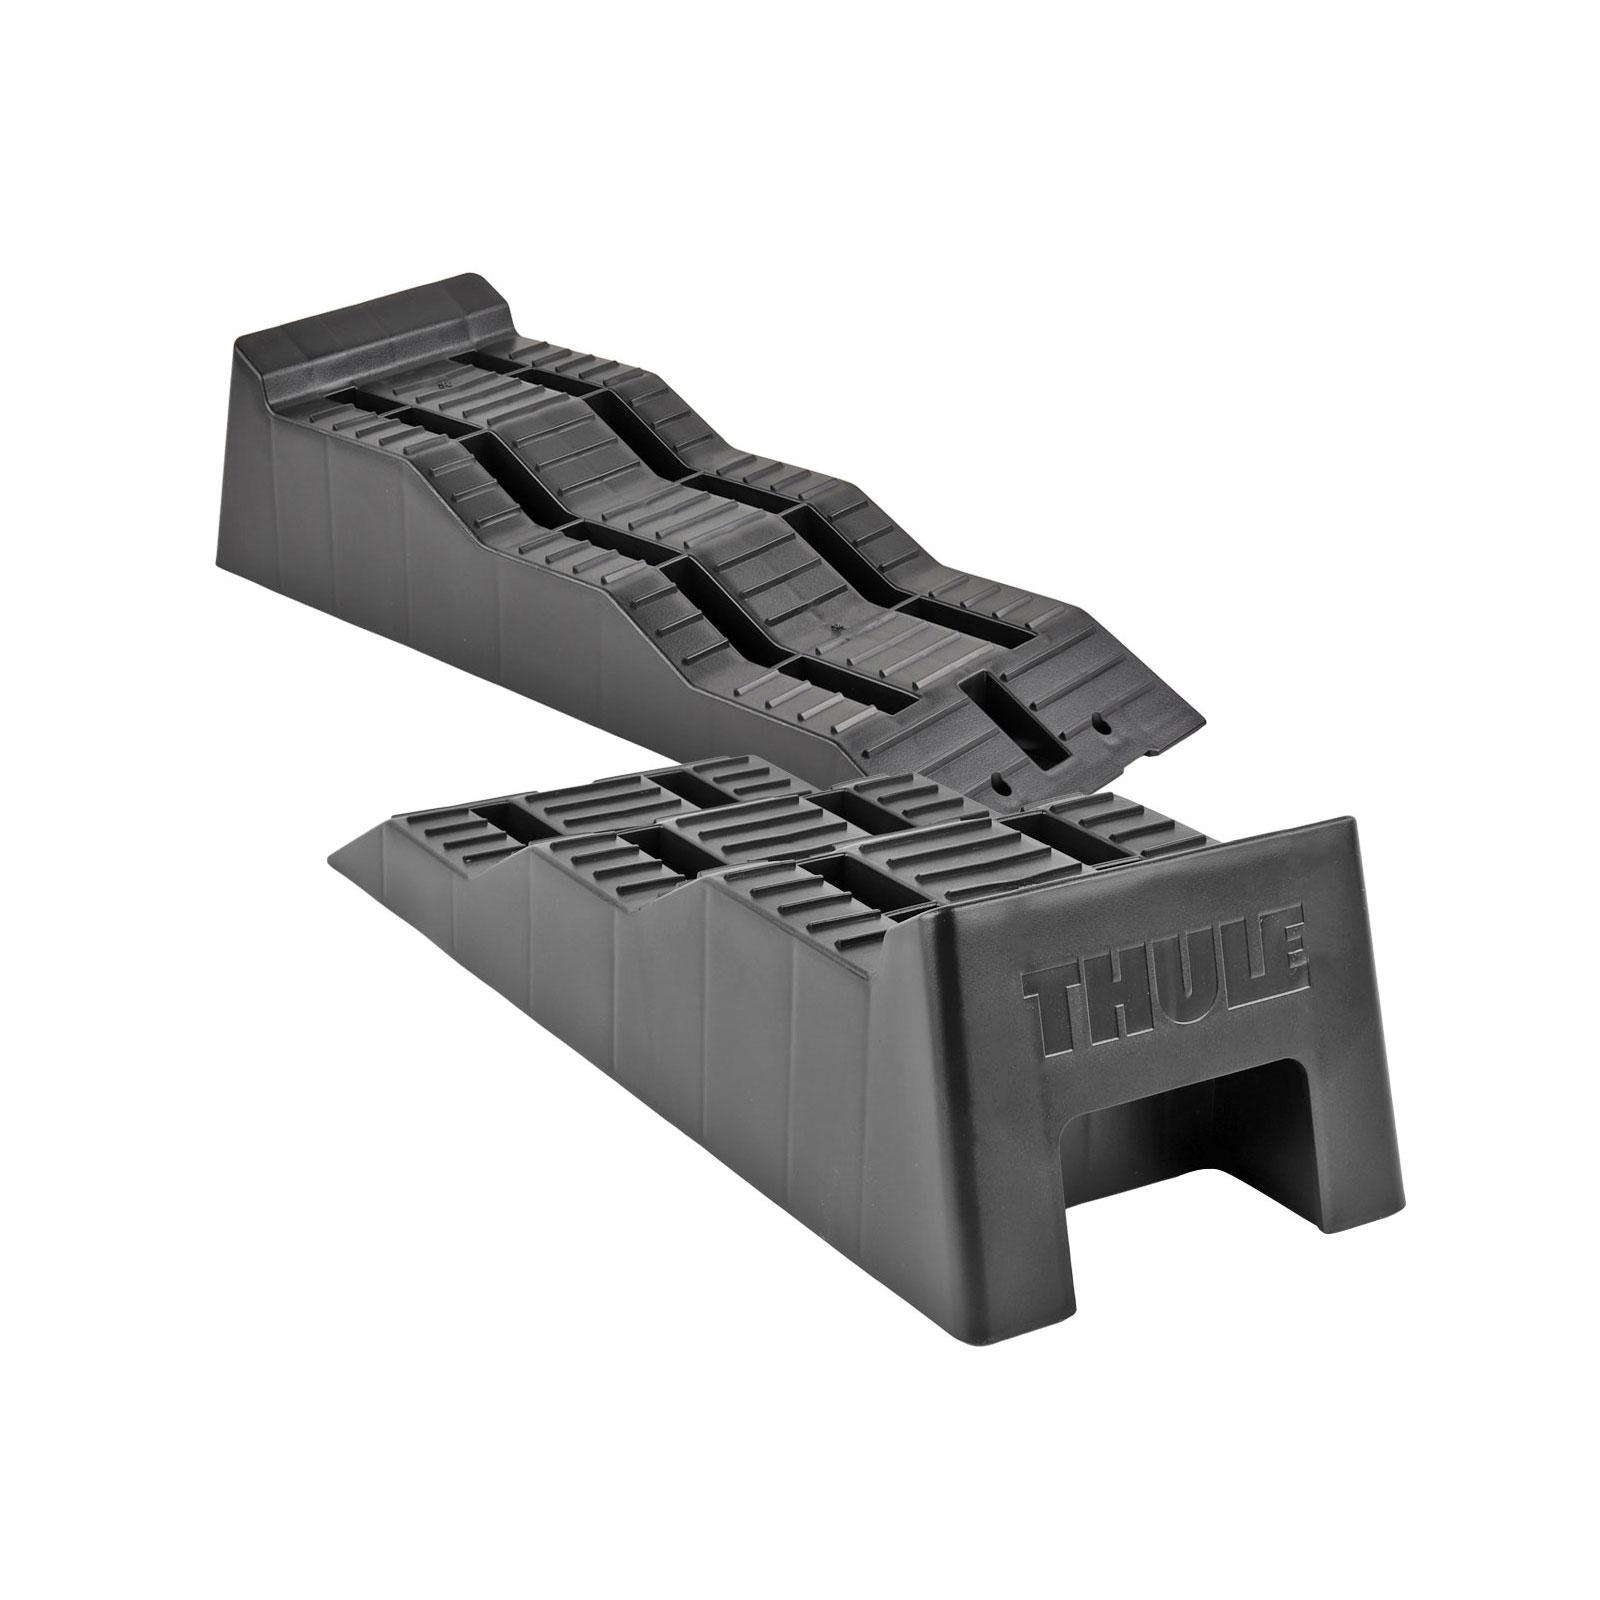 Thule Stufenkeile schwarz 2er Set inkl. Tragetasche + Wasserwaage